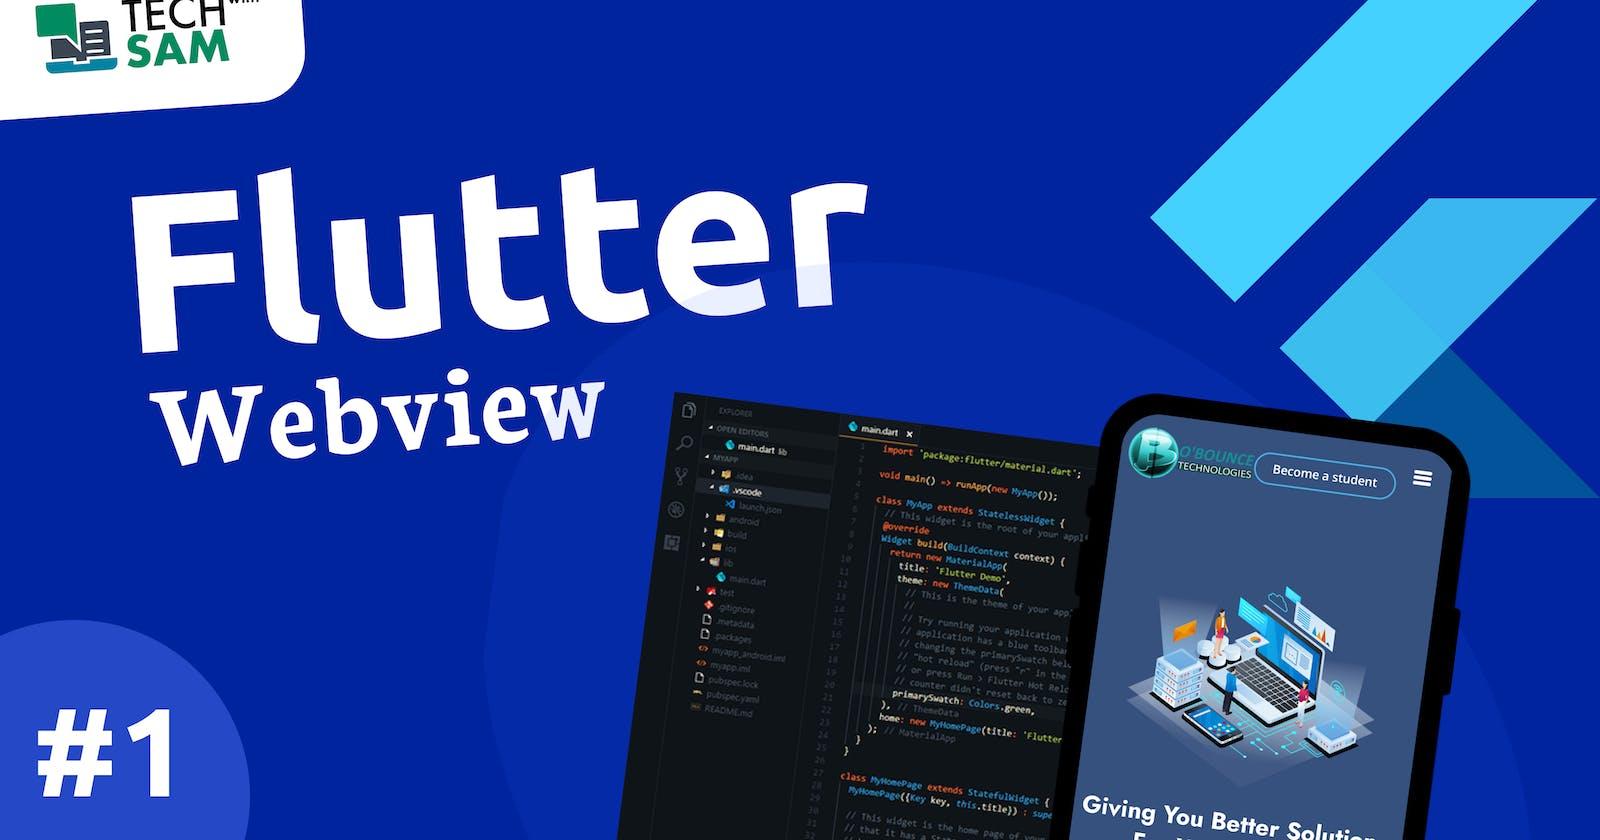 FLUTTER WEBVIEW TUTORIAL #1 - Convert a website to an app using flutter.